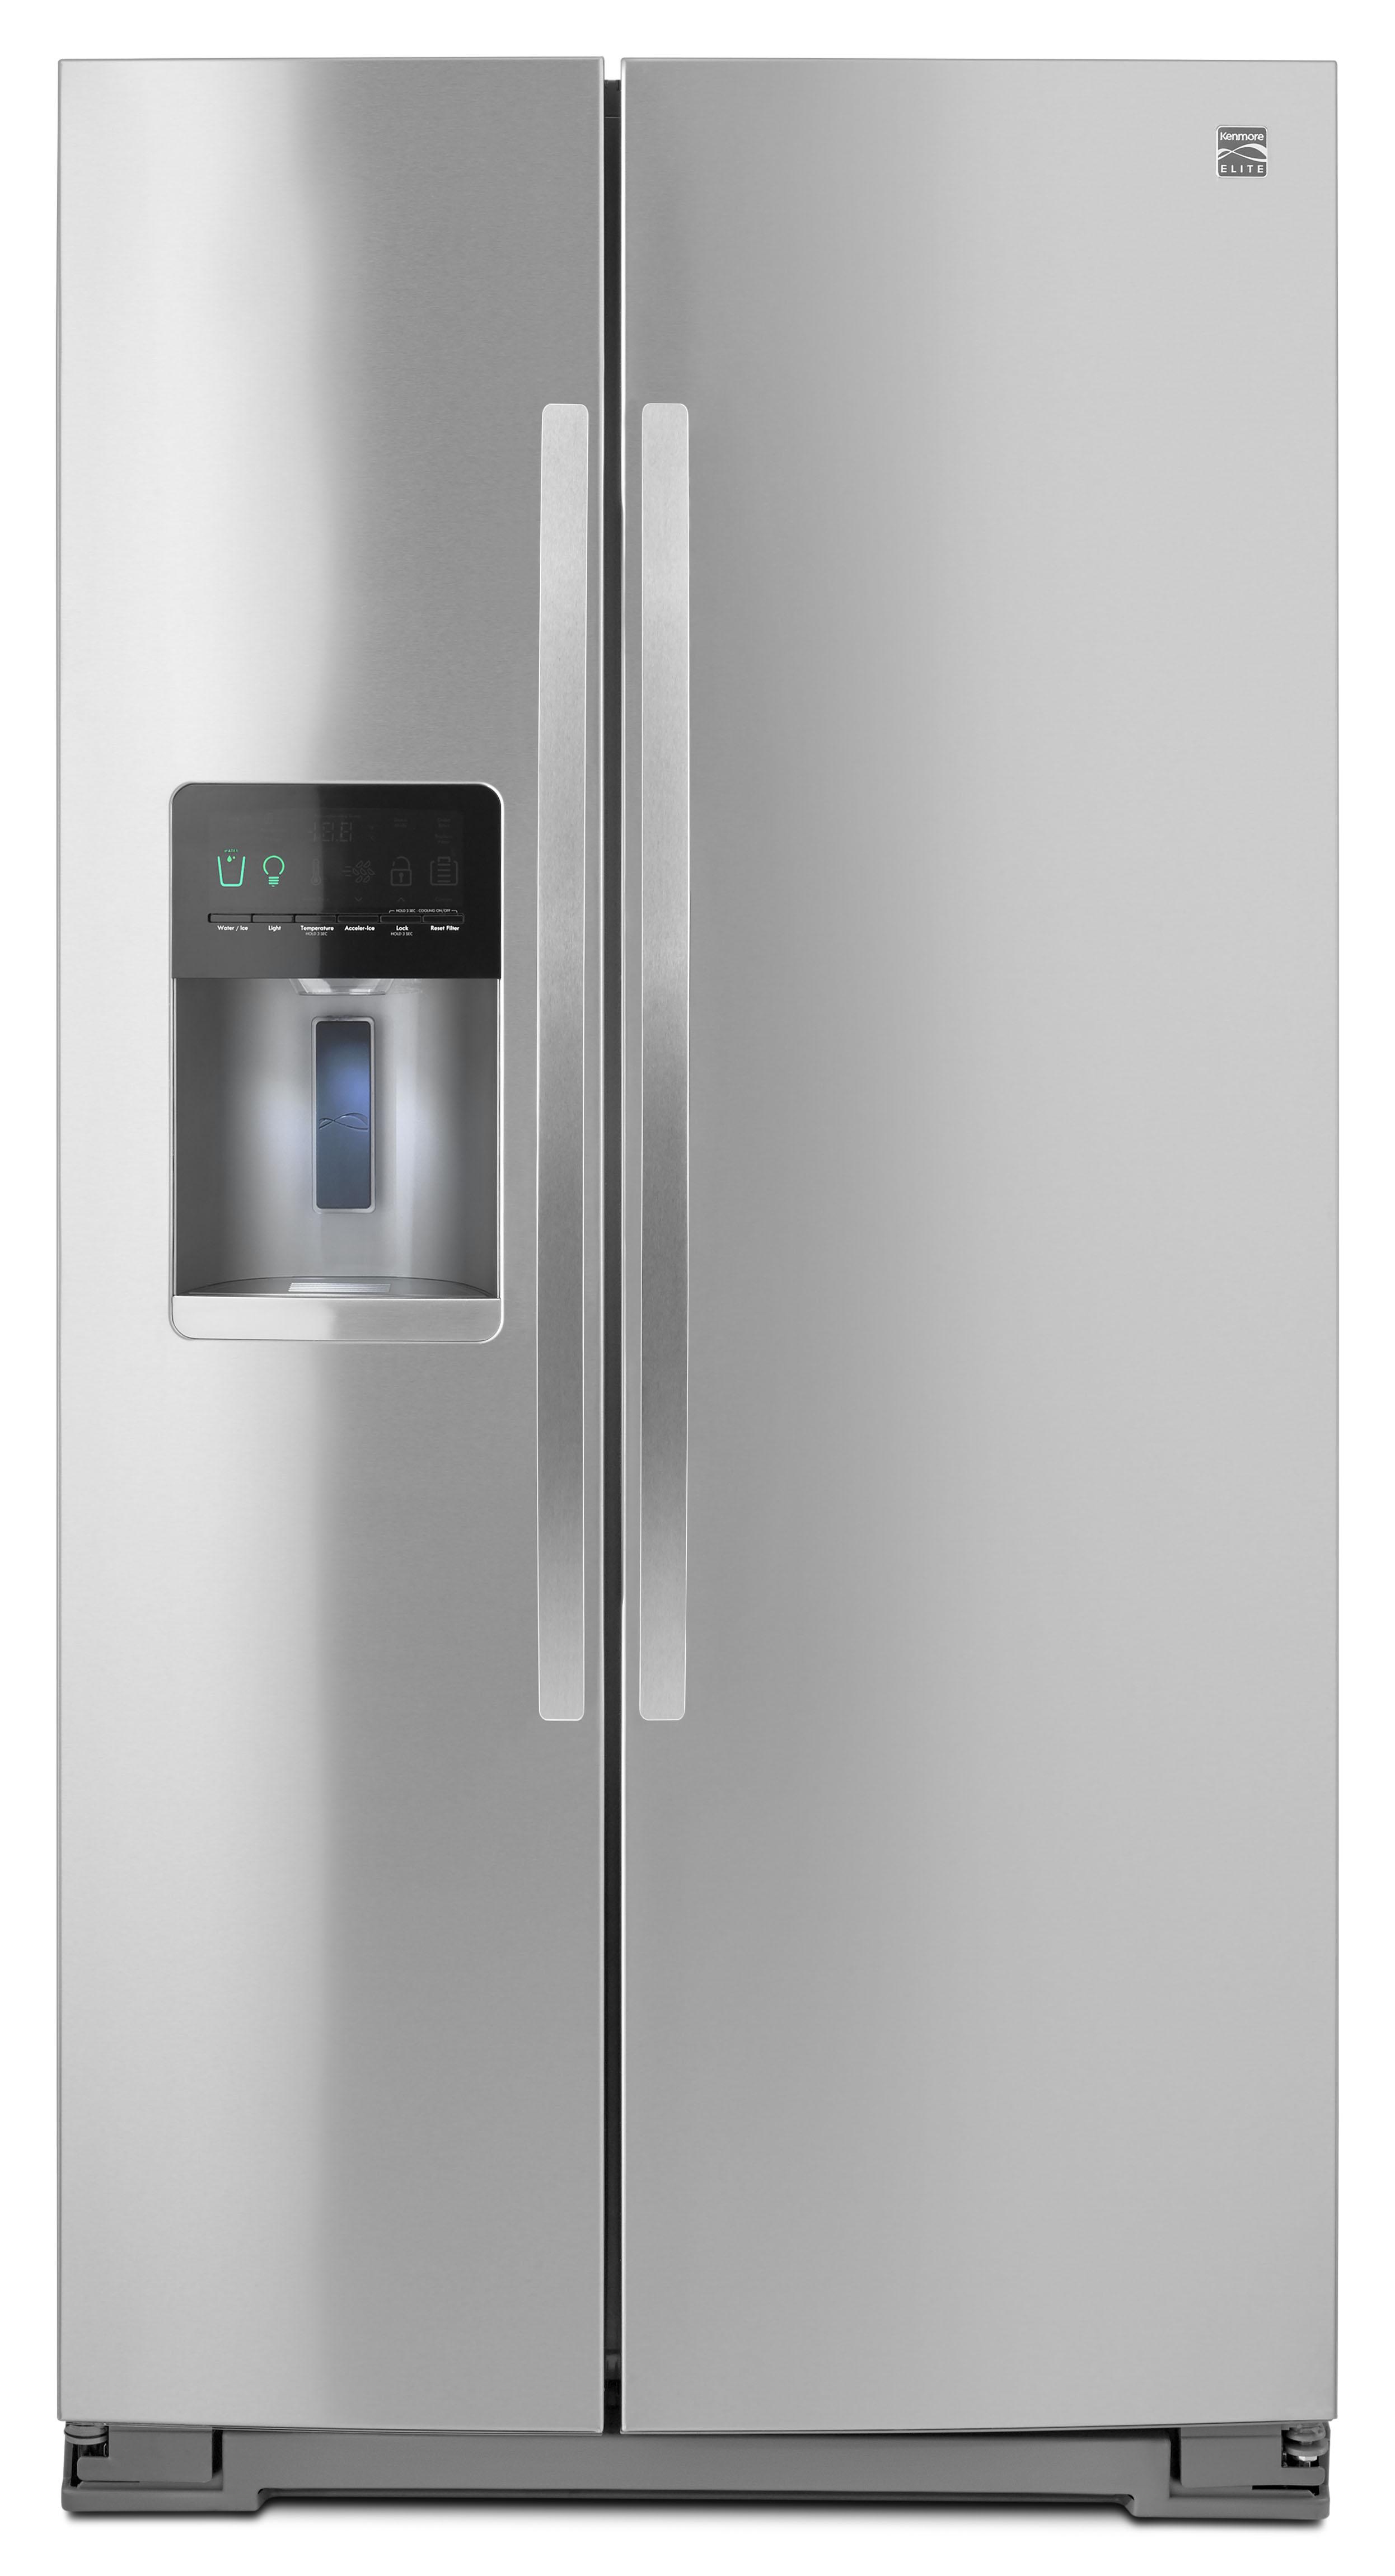 How To Level A Kenmore Refrigerator Kenmore Refrigerator Enervee Score 80 100 51763